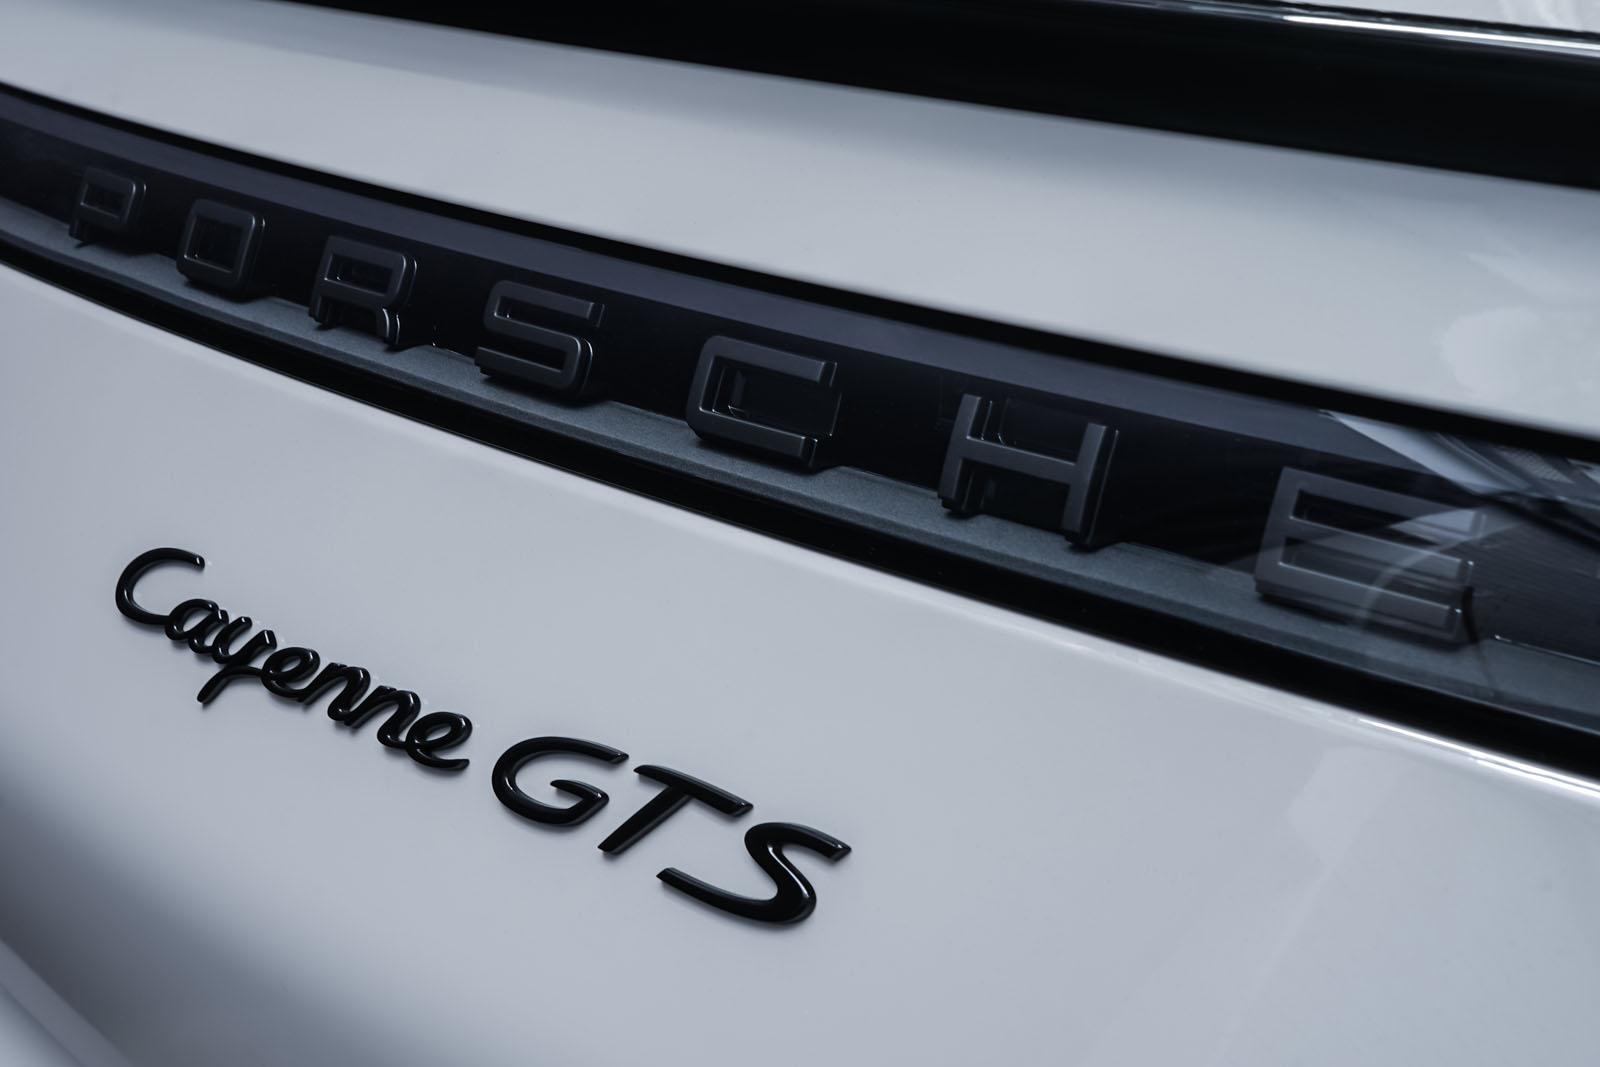 11Porsche_Cayenne_GTS-Coupe_Calk_Black_POR-4352_18_w